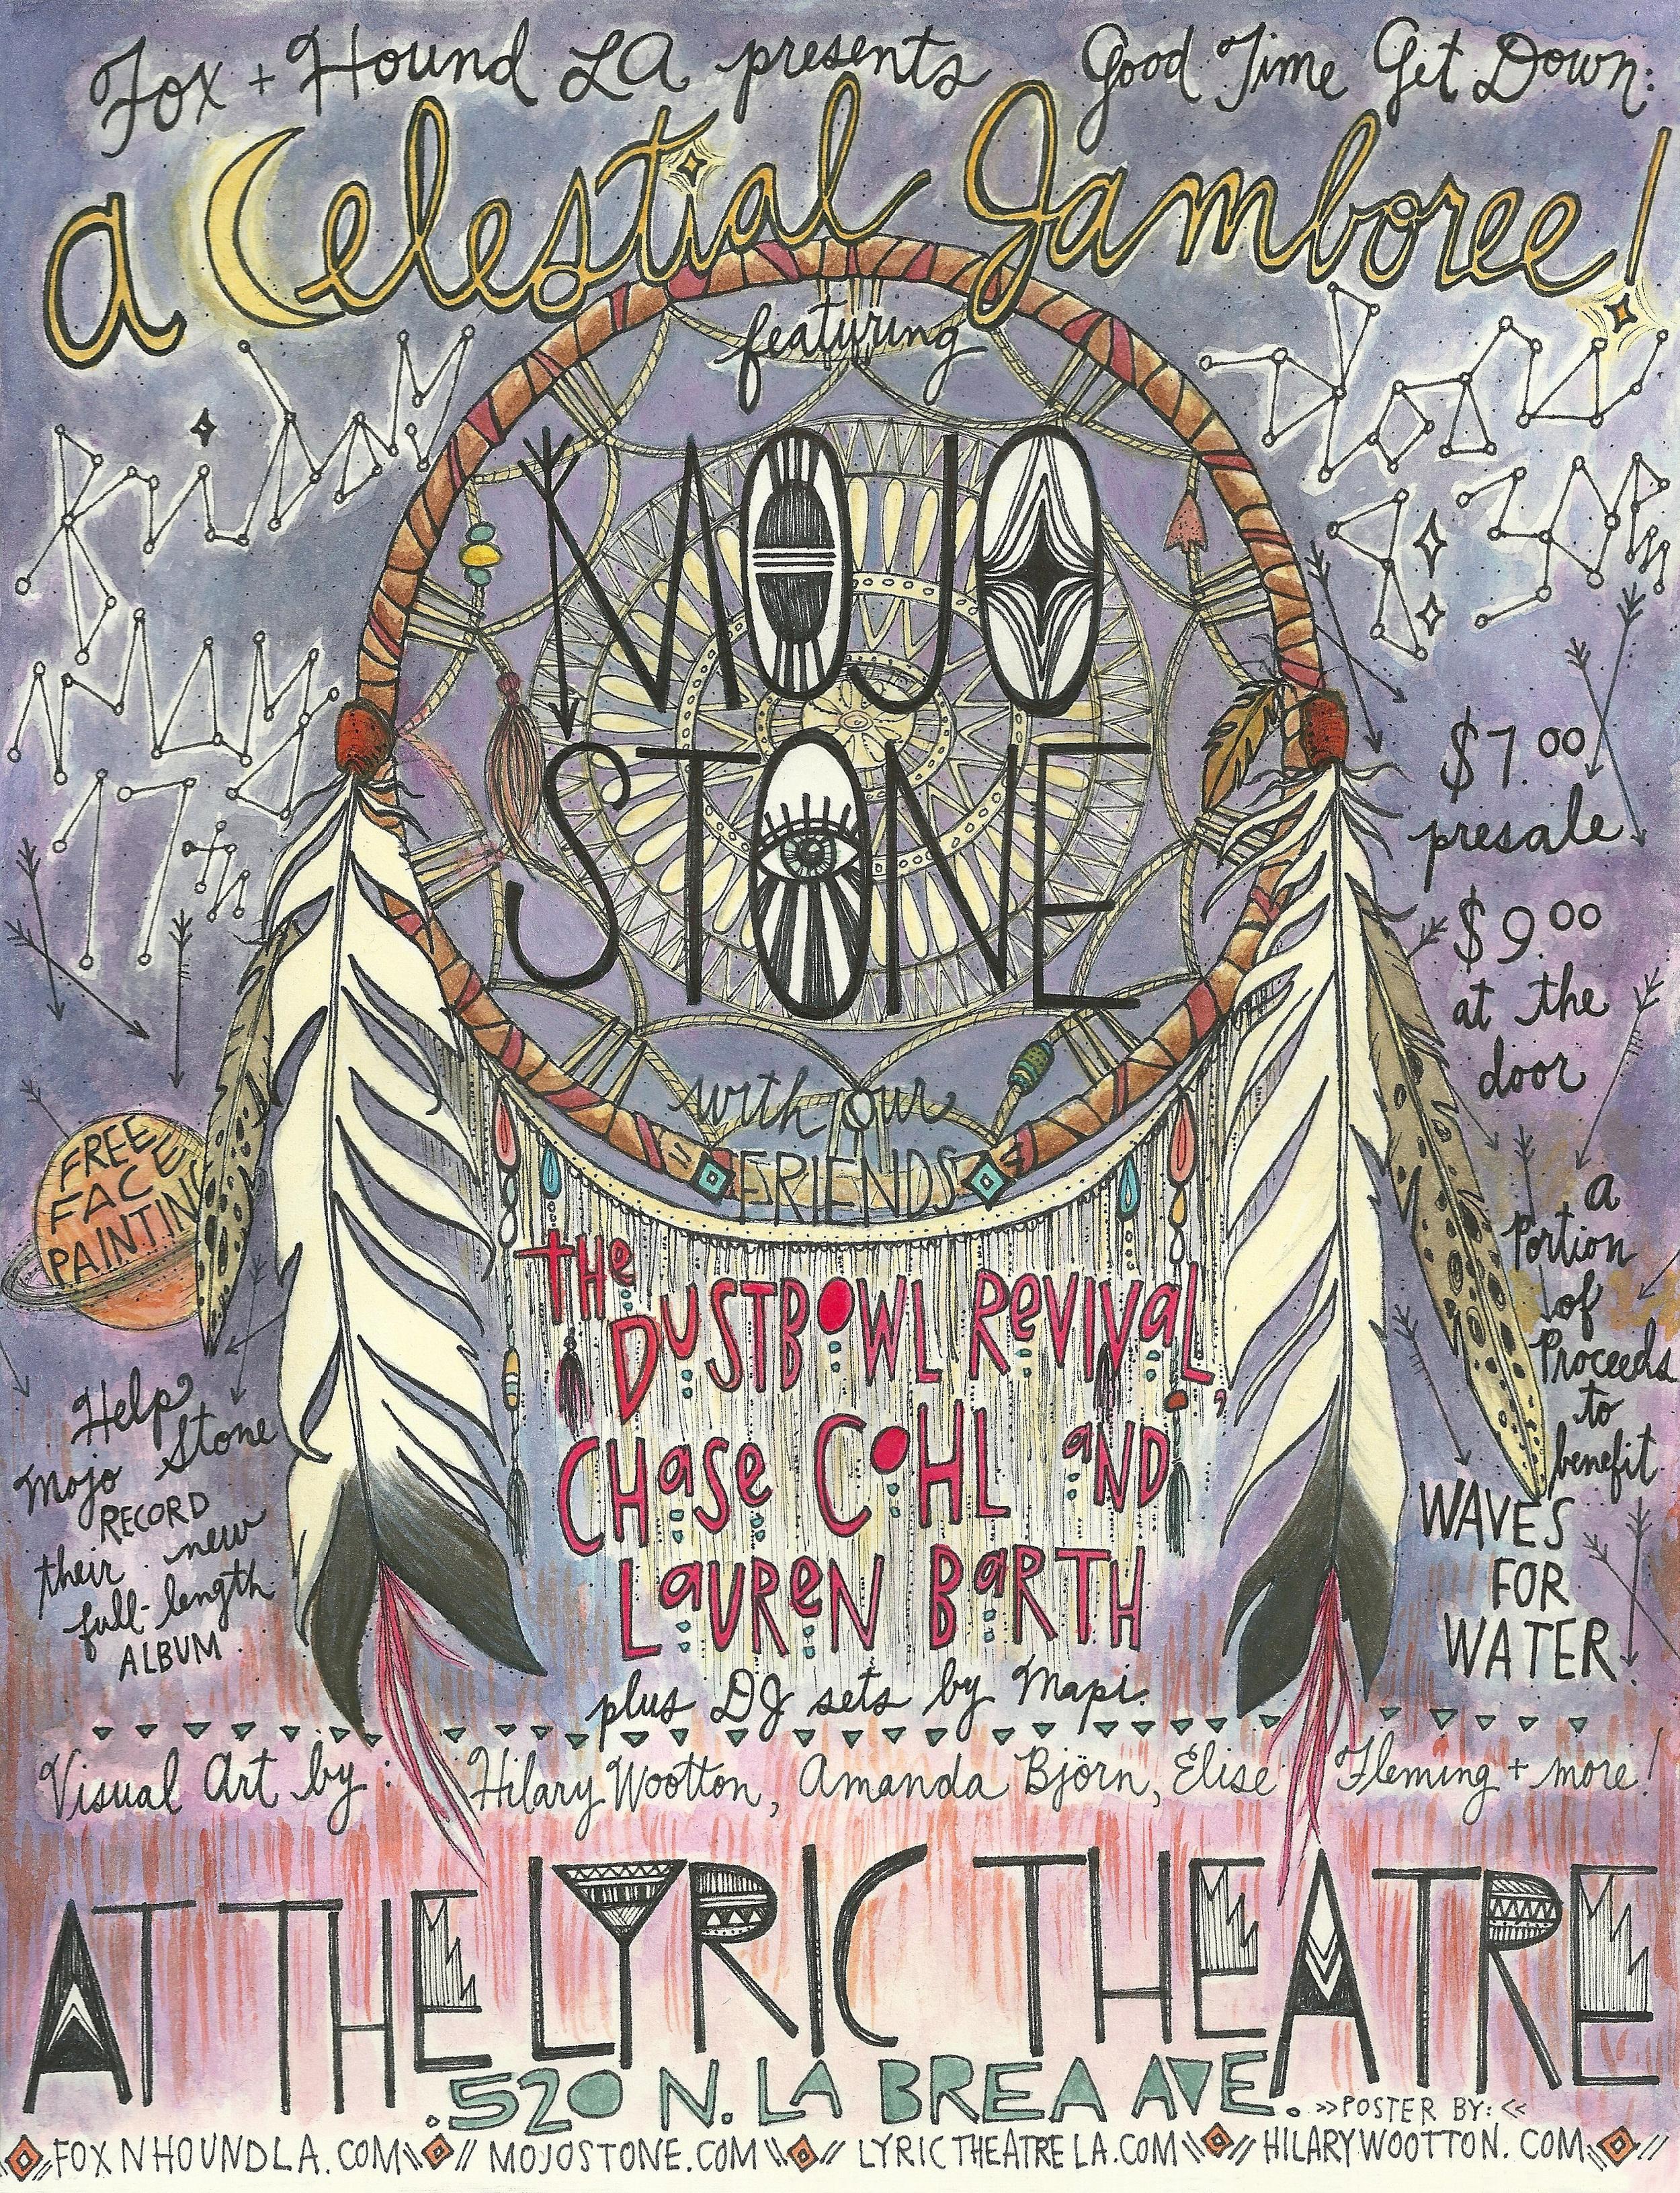 Mojo_Dreamcatcher_Poster.jpg